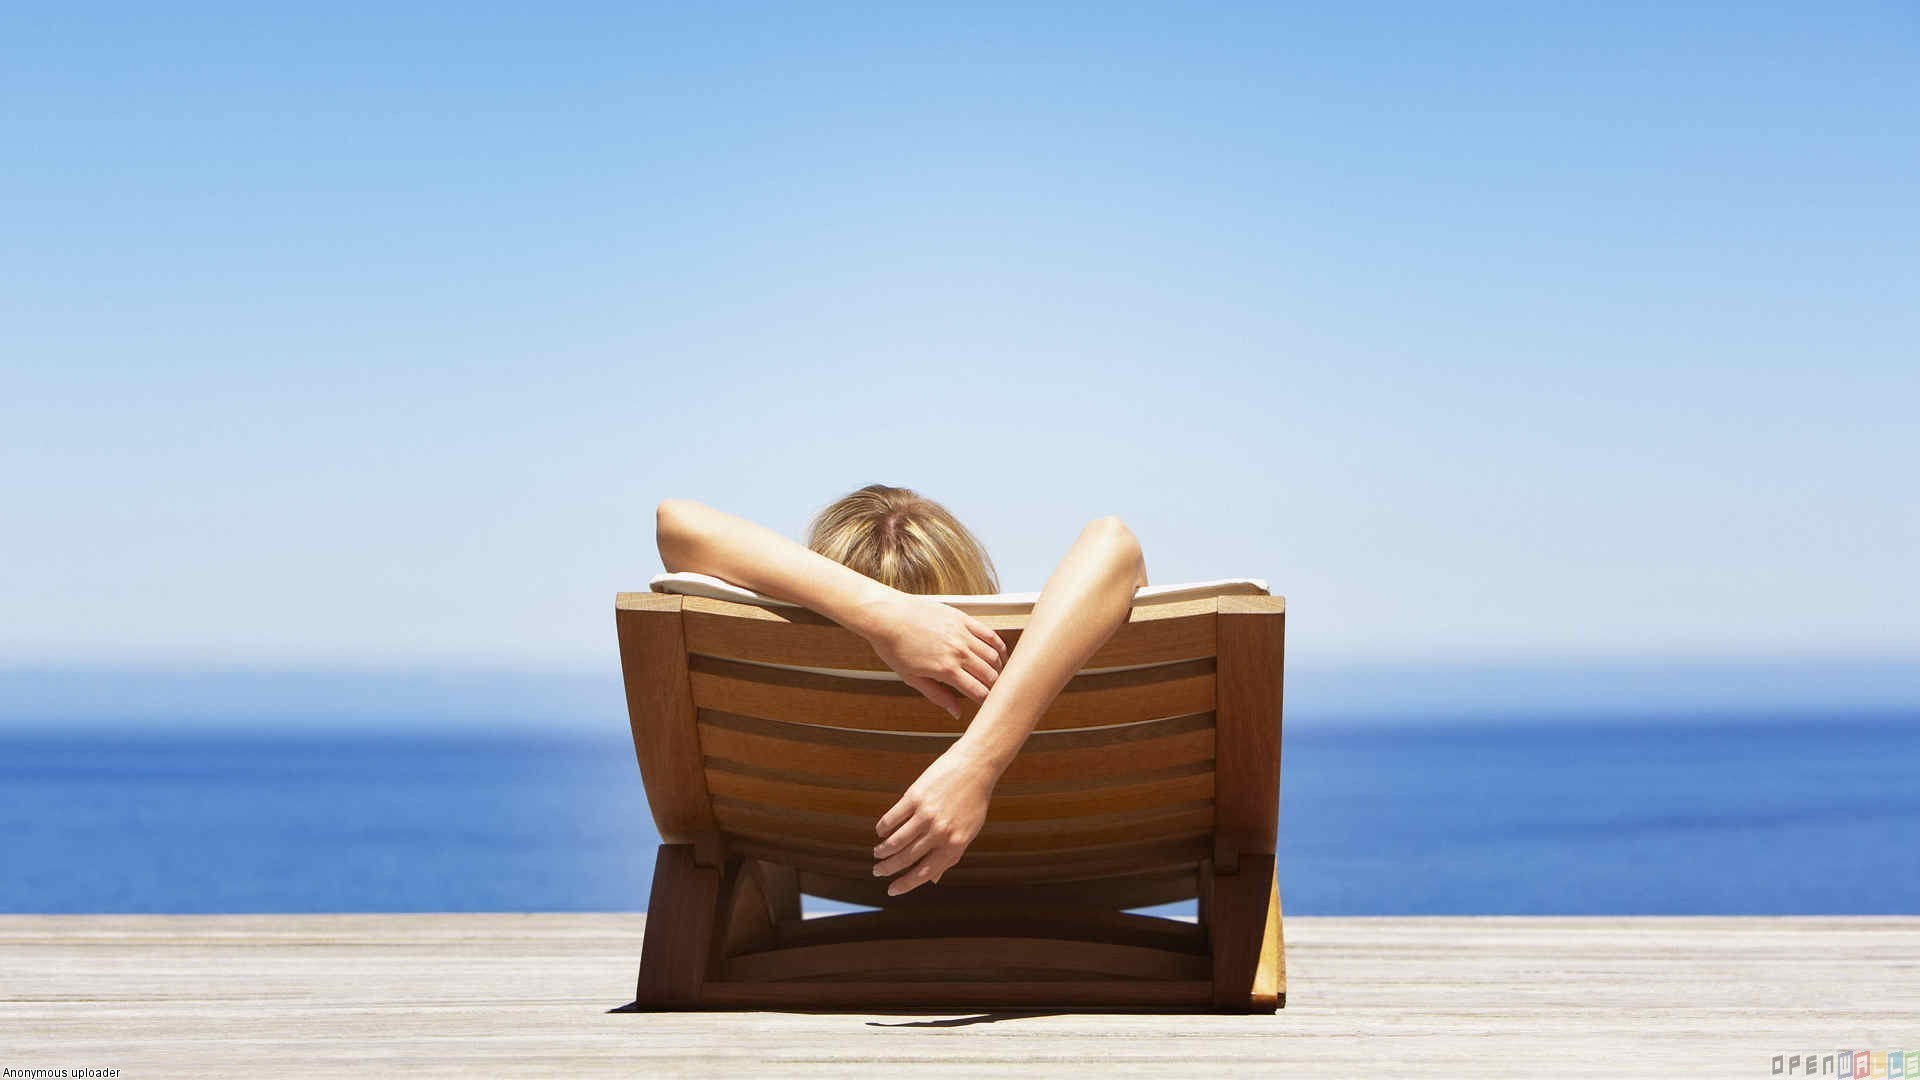 Špela Čeperlin: Tudi počitek je del vadbe